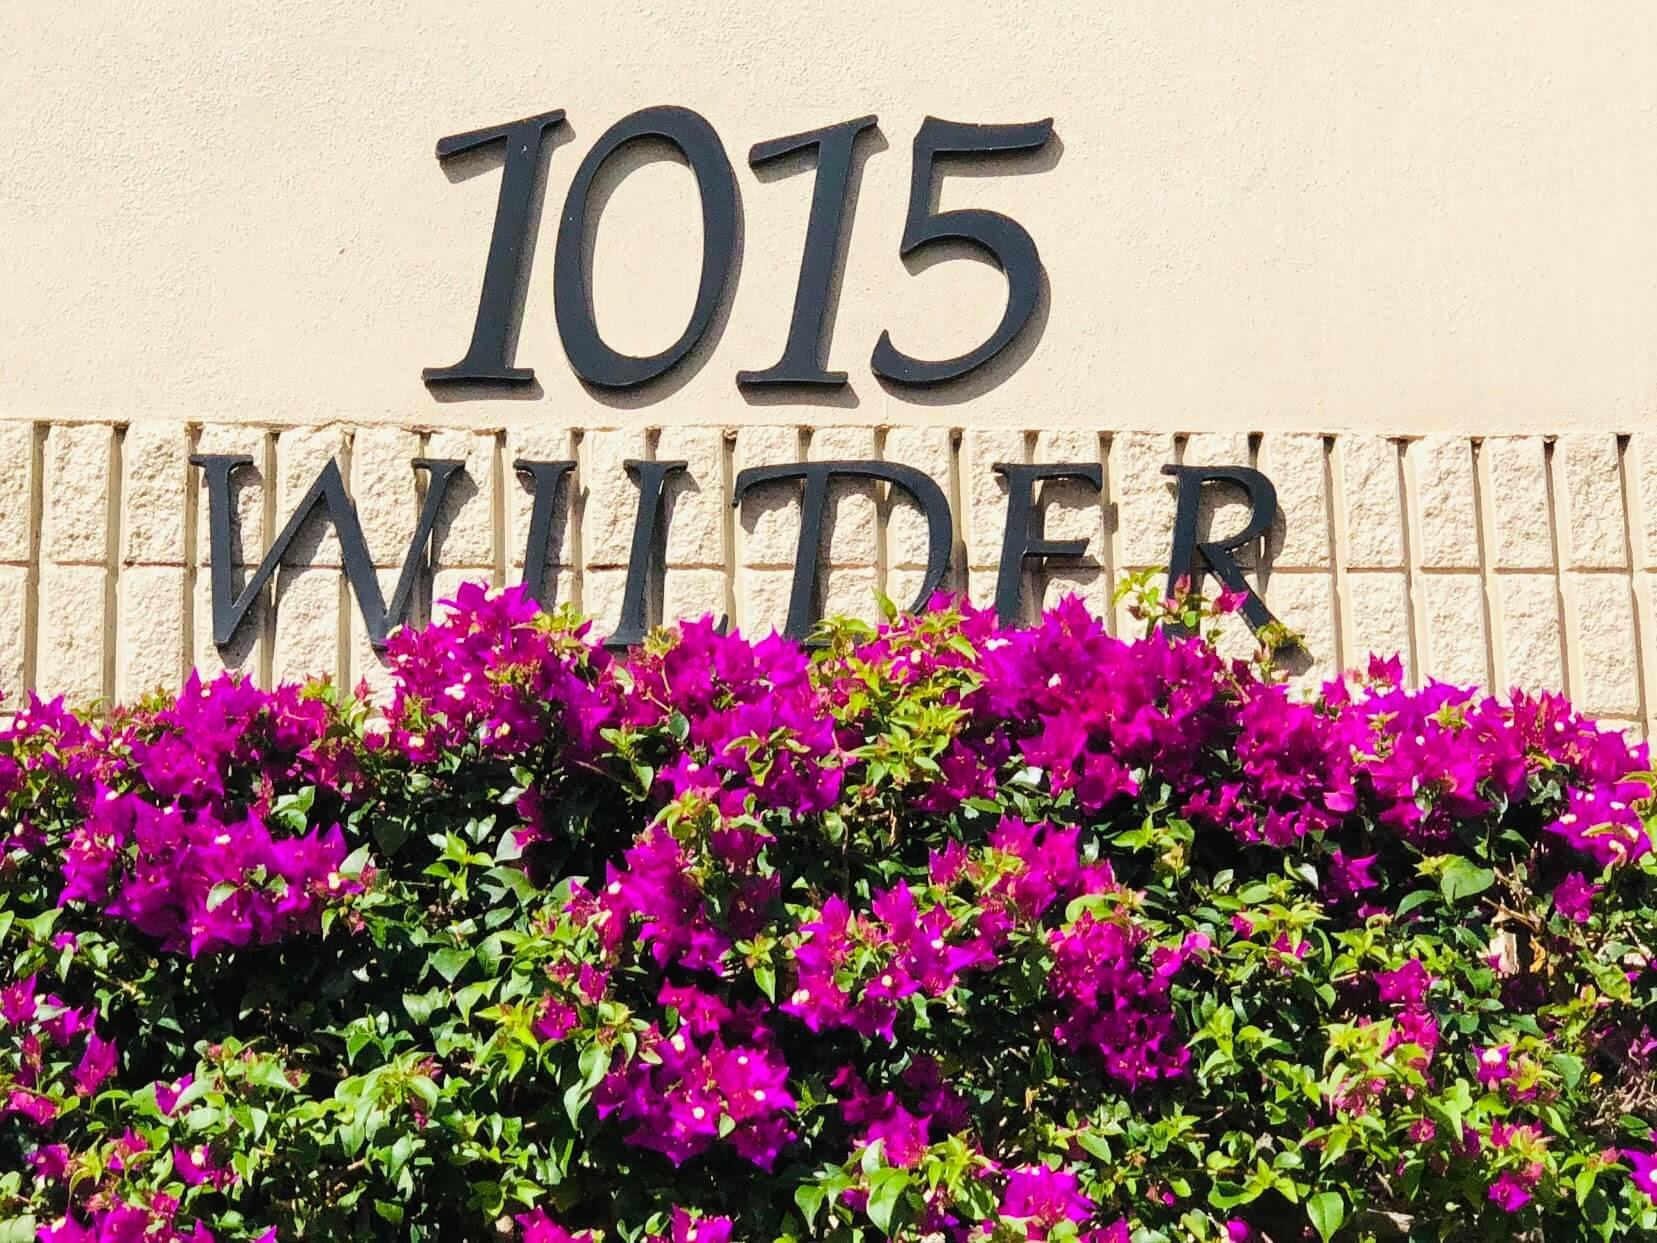 1015 Wilderの看板